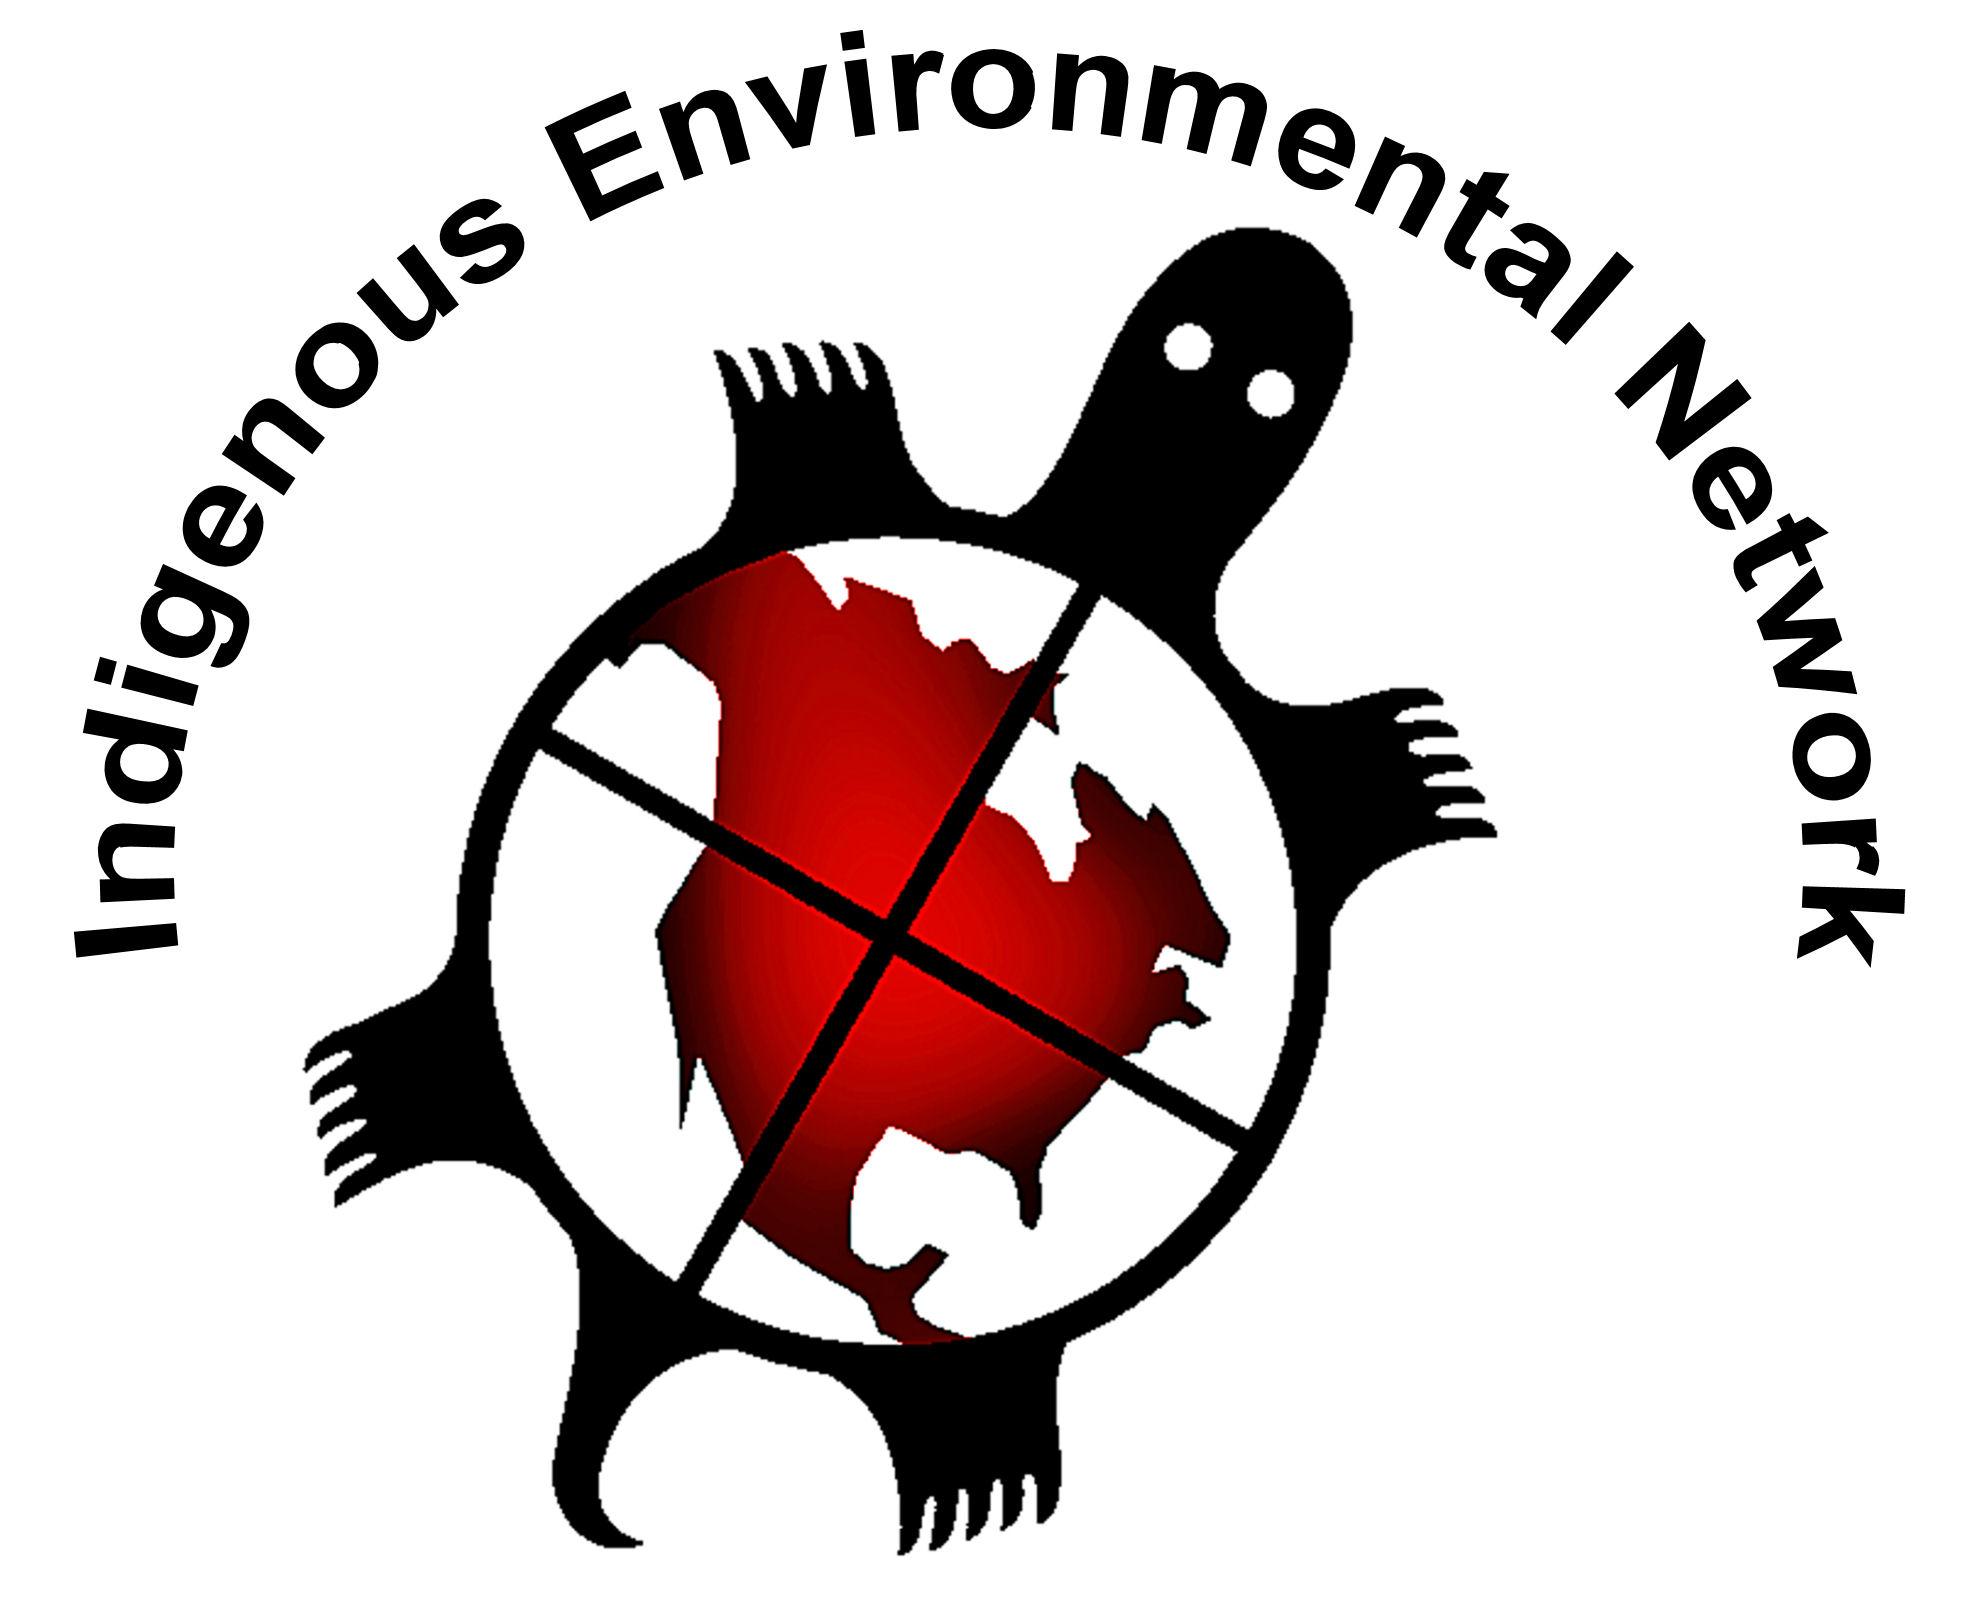 http://ittakesroots.org/wp-content/uploads/2015/11/IEN-logo.jpg